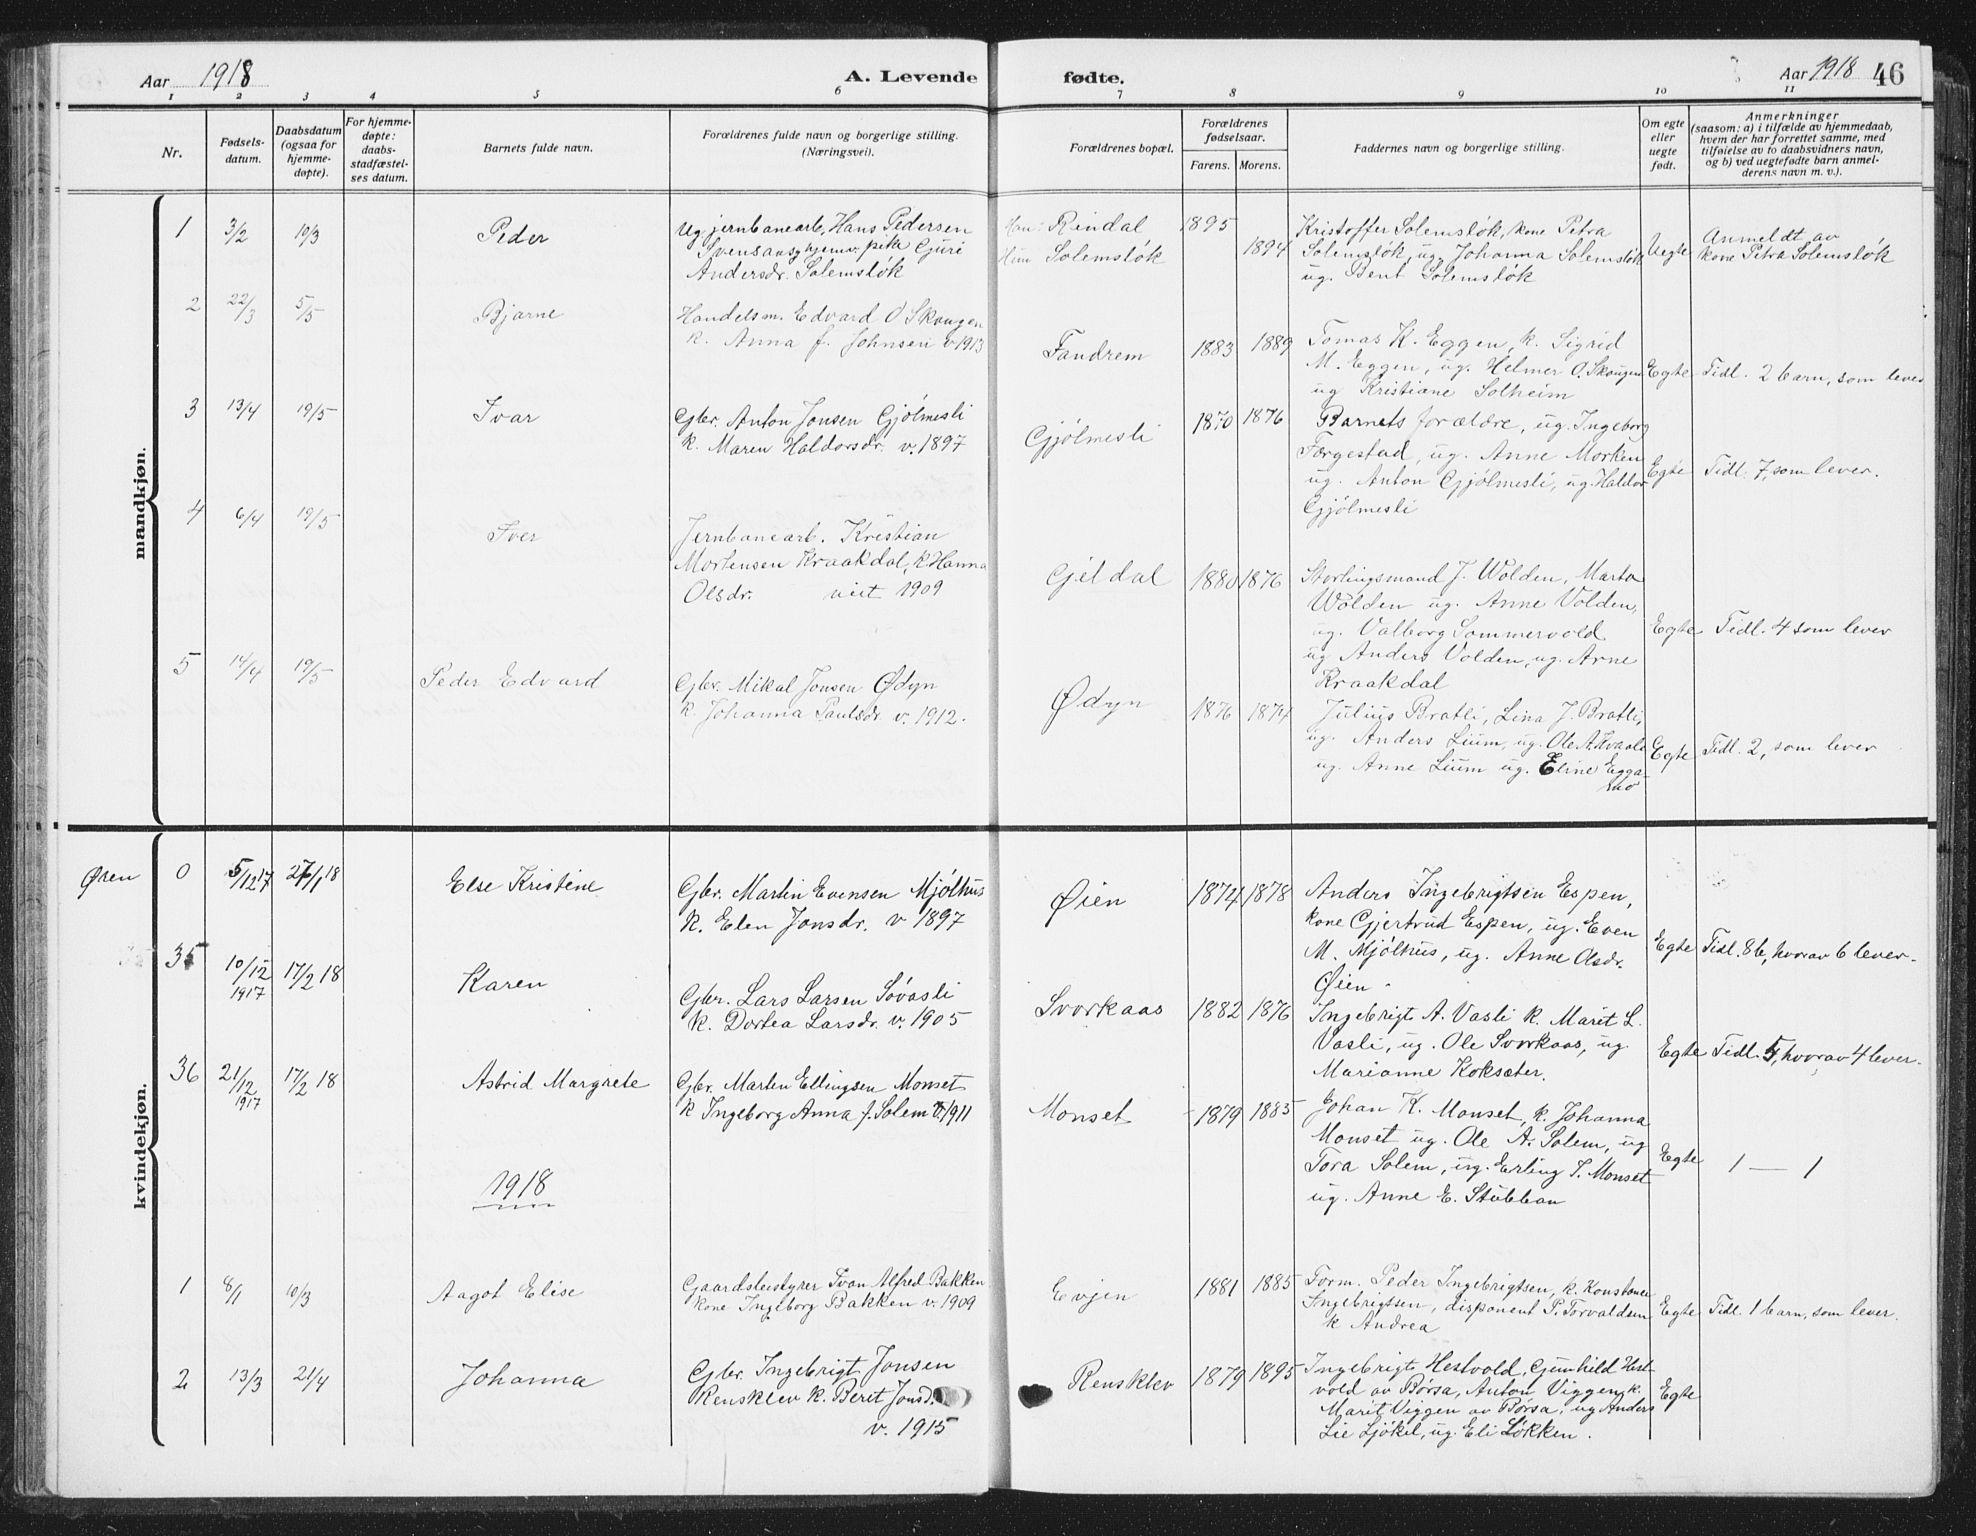 SAT, Ministerialprotokoller, klokkerbøker og fødselsregistre - Sør-Trøndelag, 668/L0820: Klokkerbok nr. 668C09, 1912-1936, s. 46